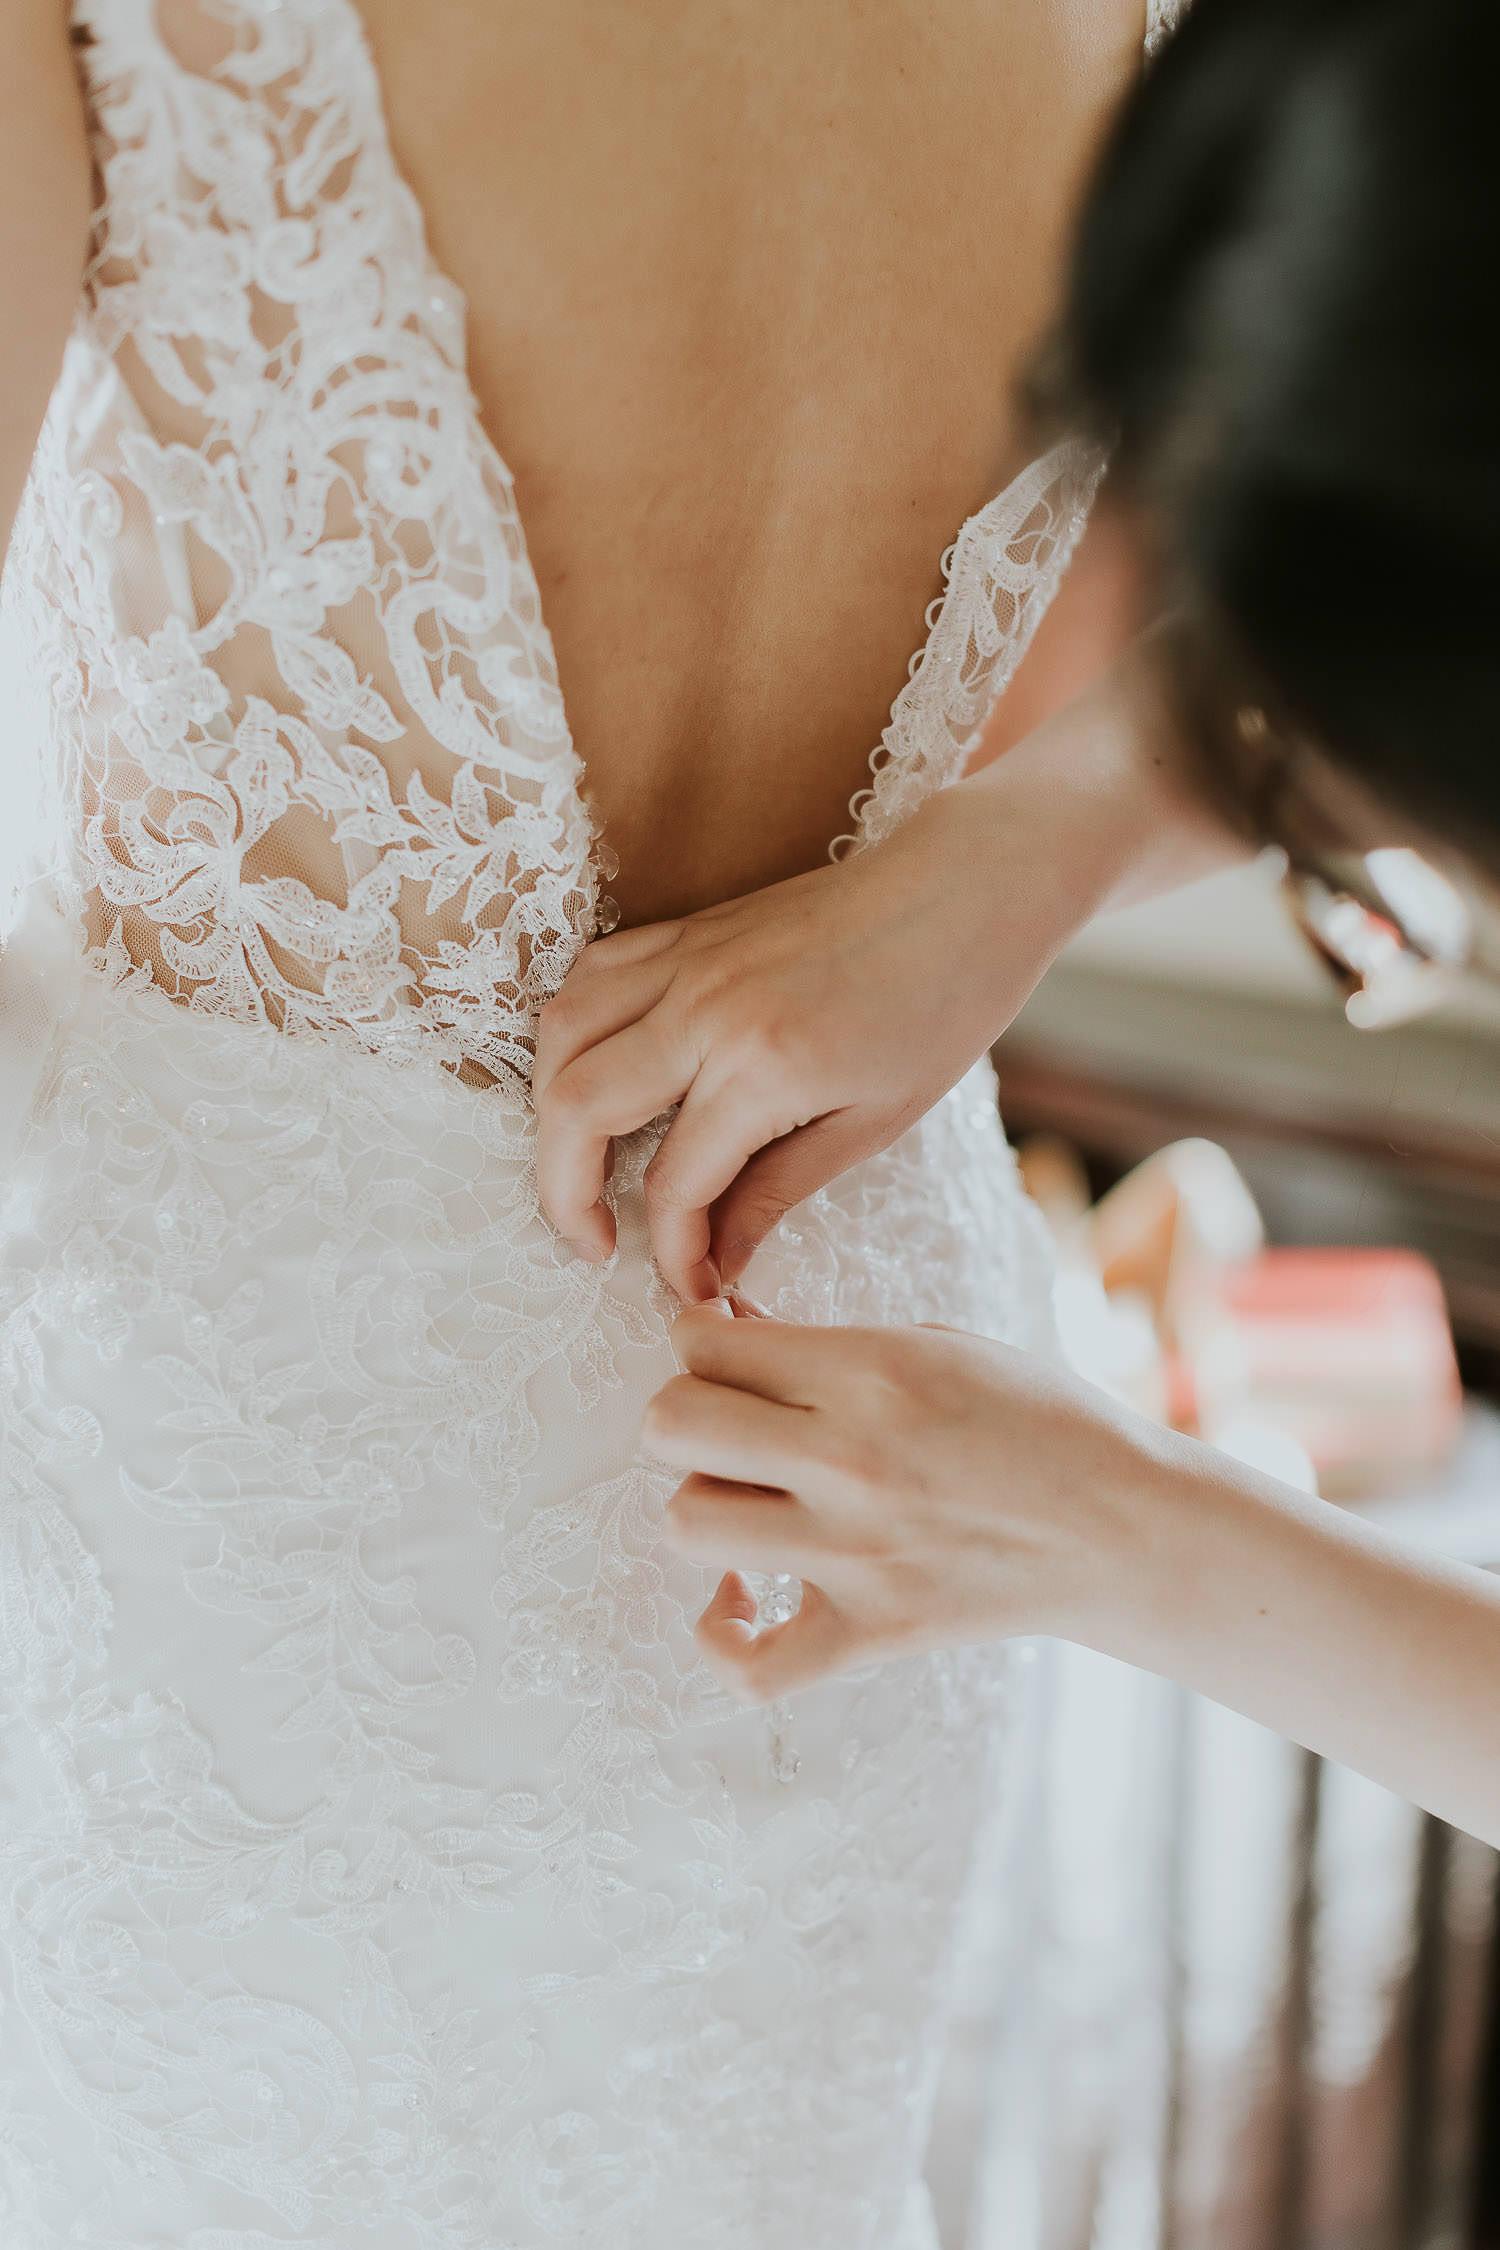 intimate-wedding-at-banff-springs-hotel-sarah-pukin-0033